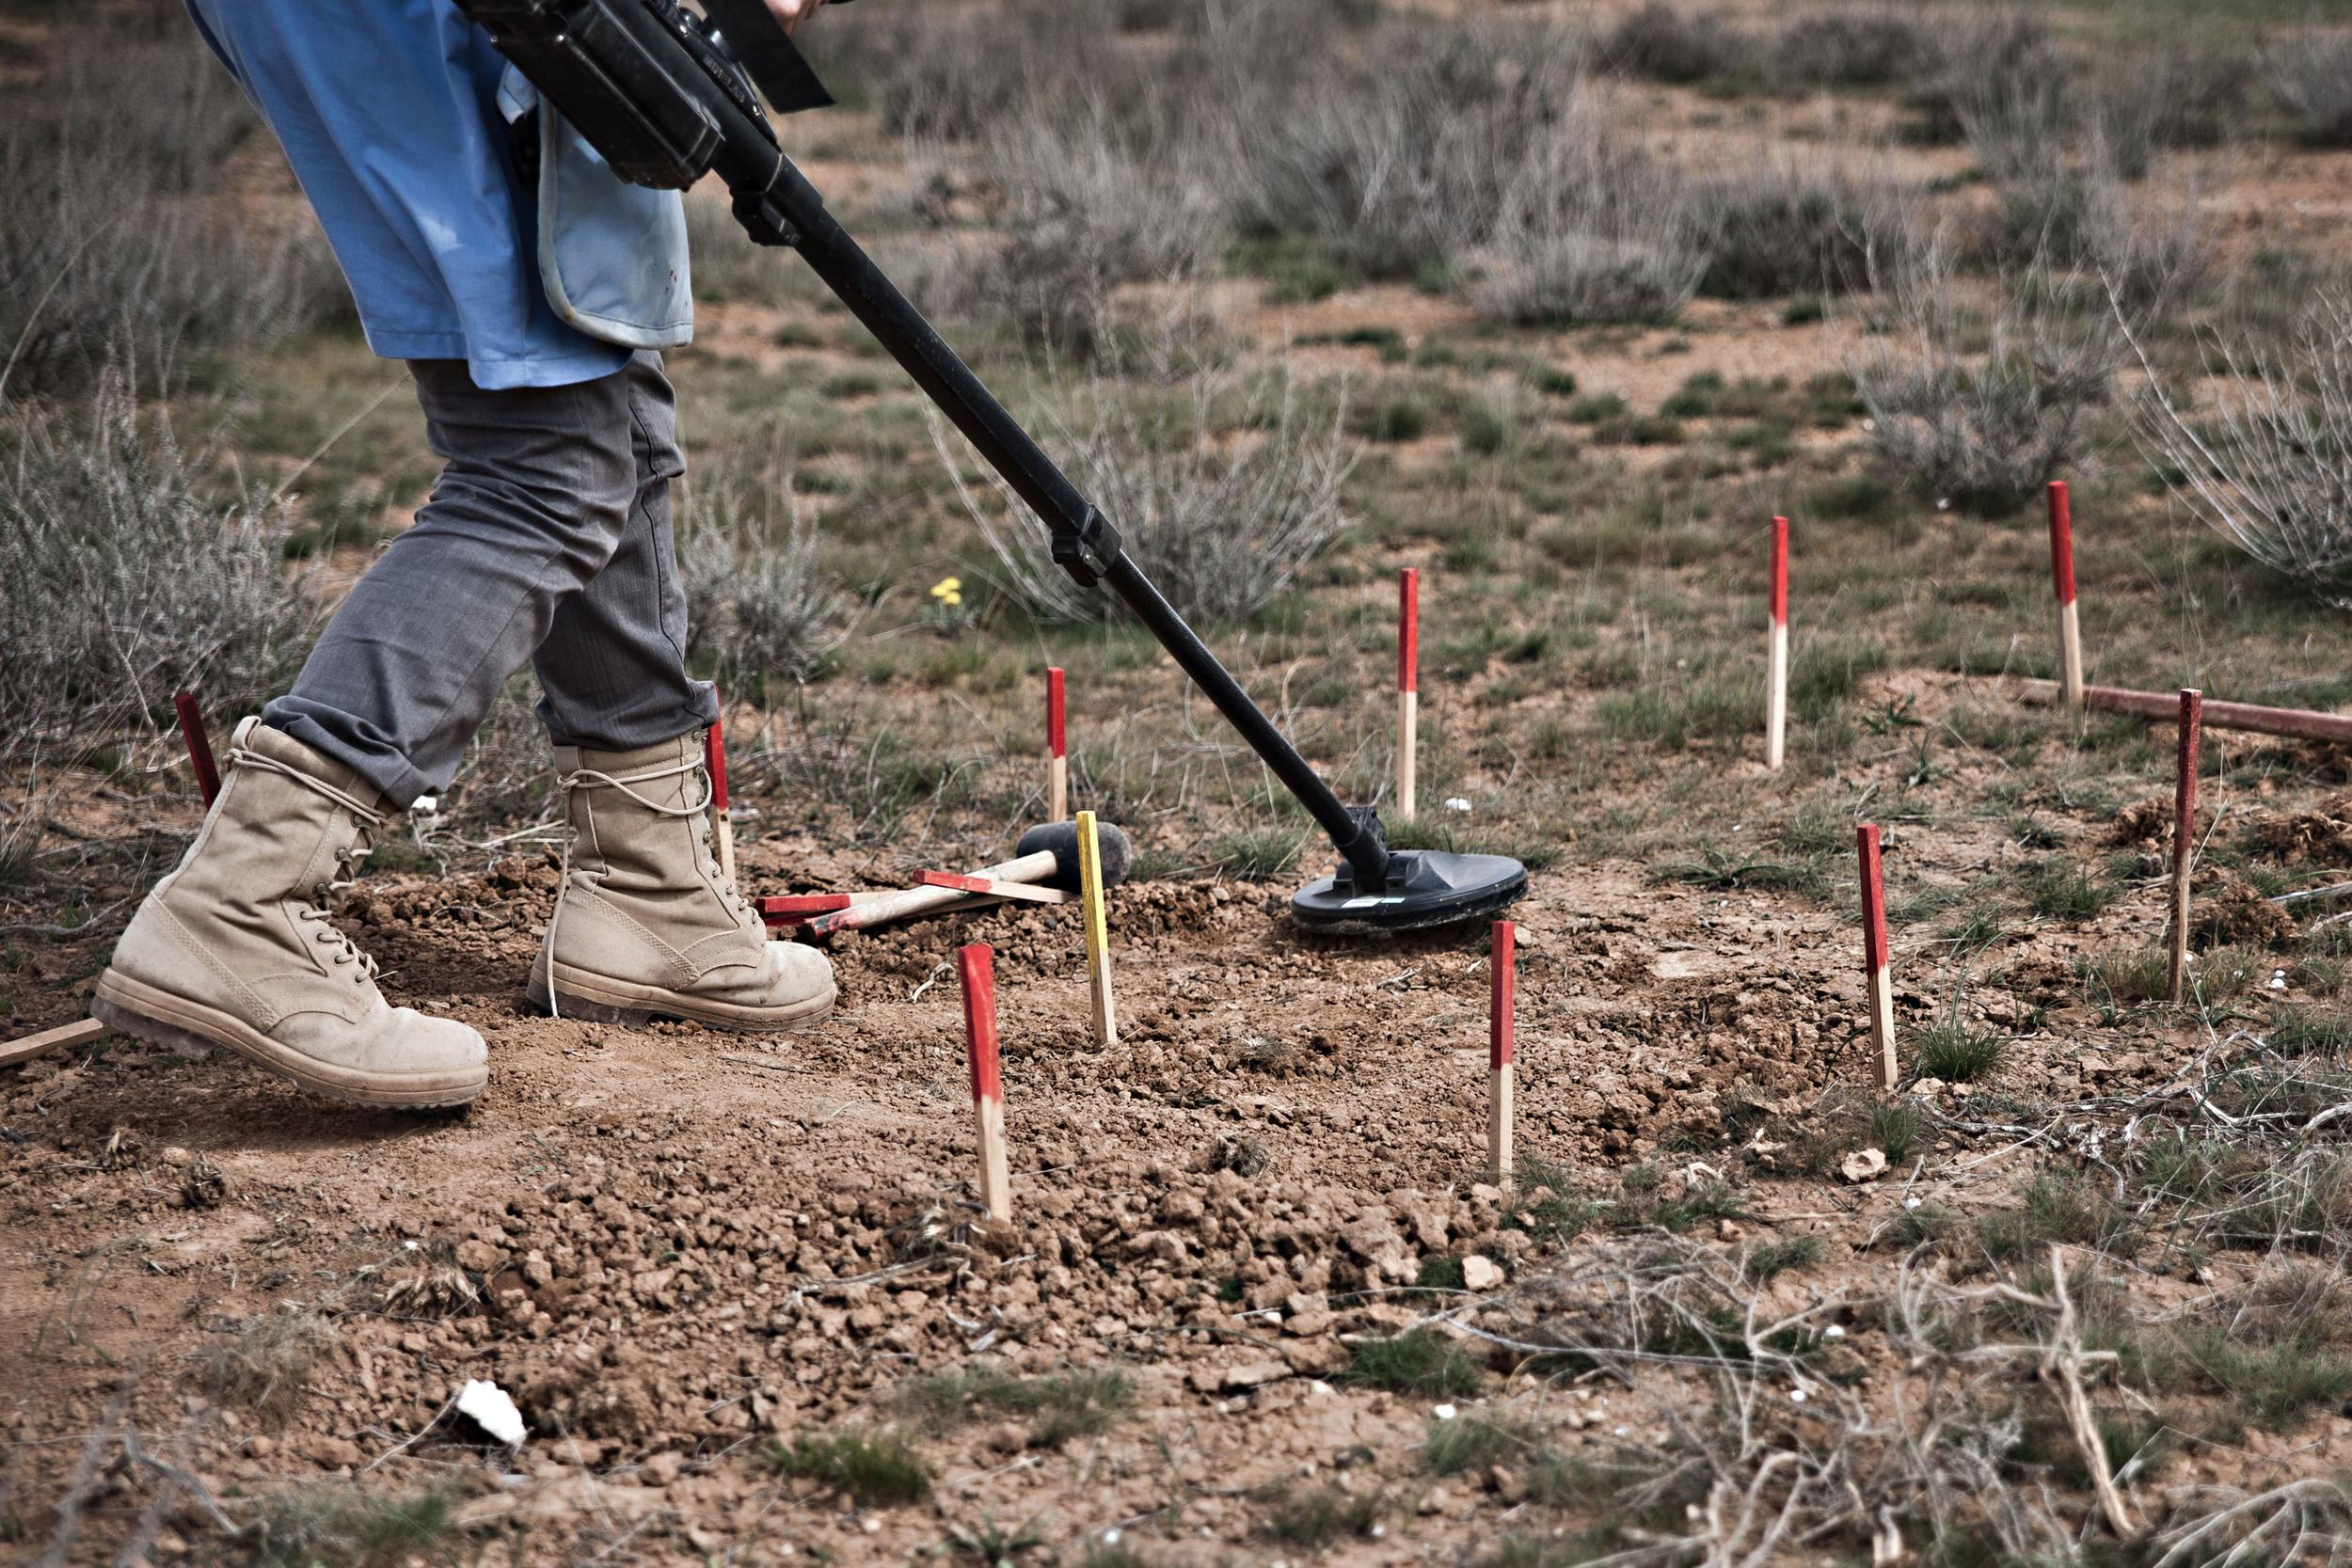 Jordan - The Female Demining Team 23.jpg